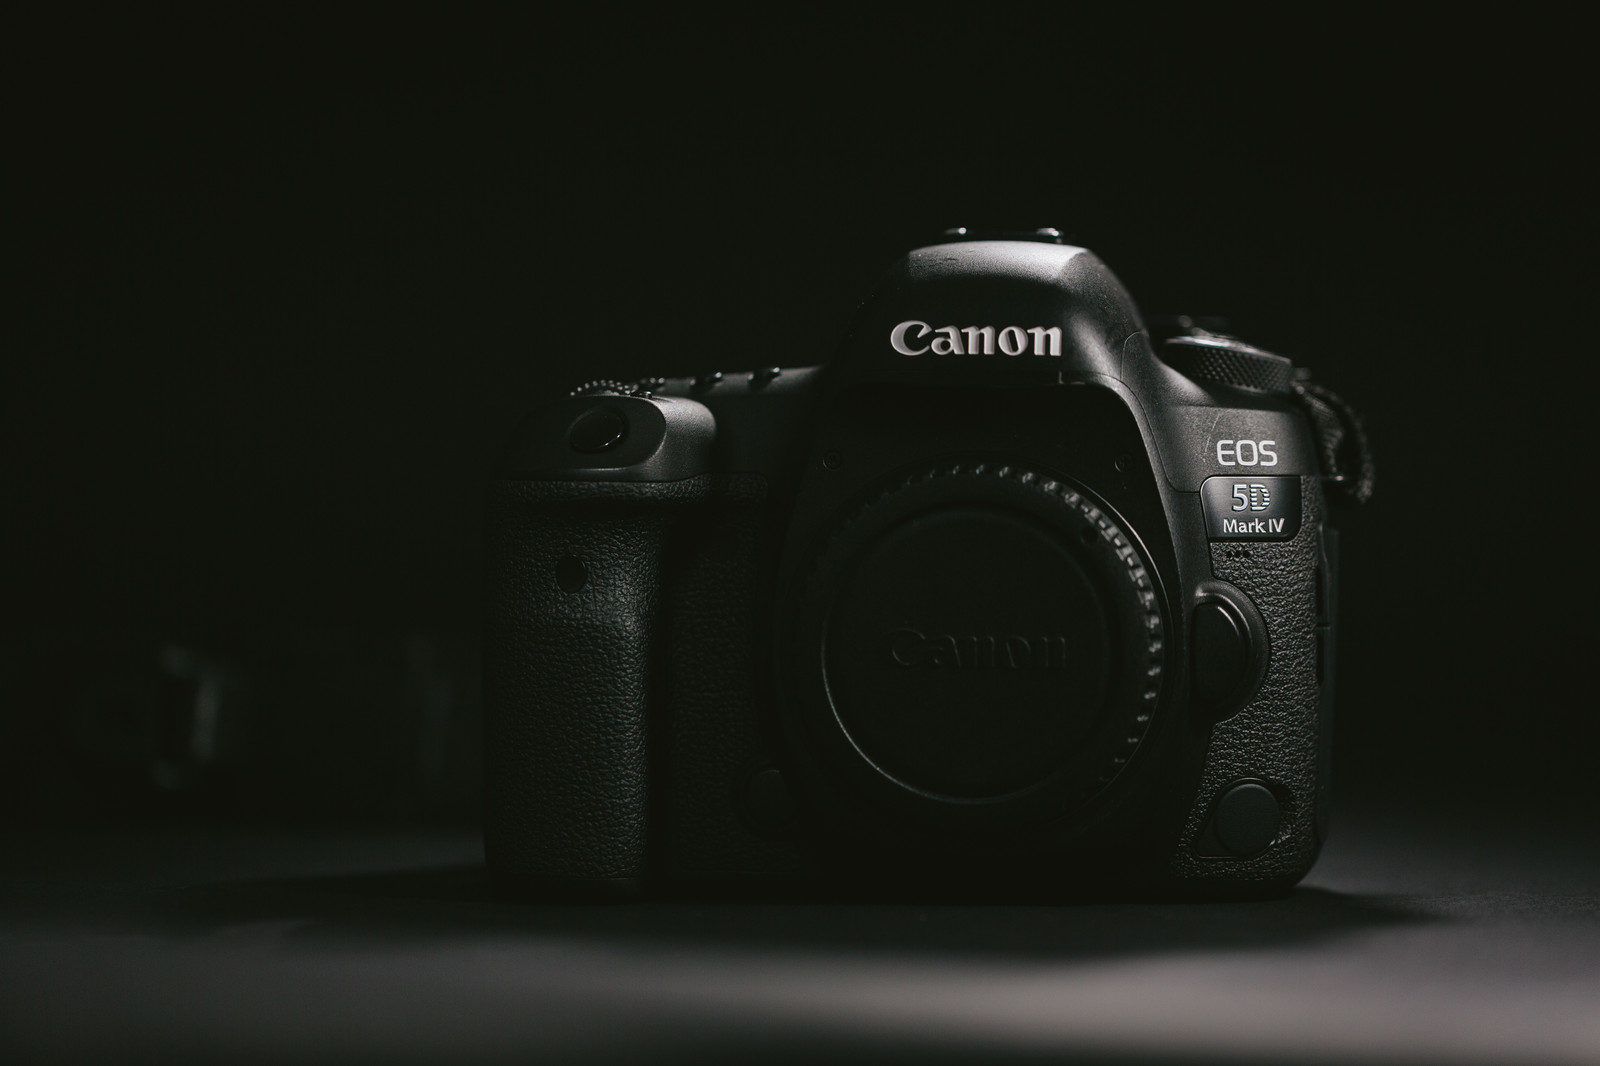 「デジタル一眼レフカメラのボディ(レンズ未装着)」の写真